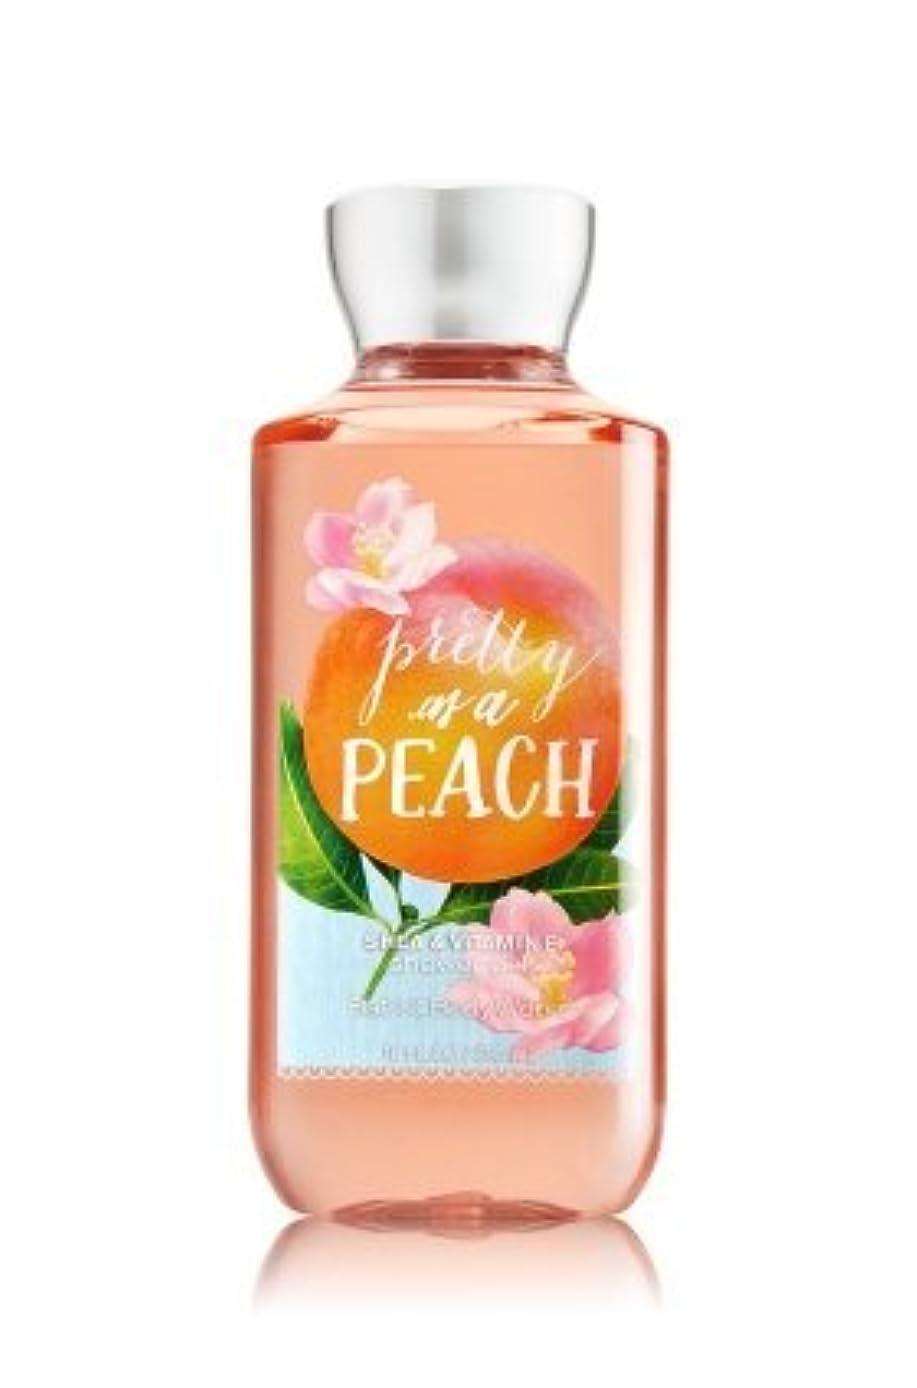 モルヒネ簡単に大いに【Bath&Body Works/バス&ボディワークス】 シャワージェル プリティーアズアピーチ Shower Gel Pretty as a Peach 10 fl oz / 295 mL [並行輸入品]